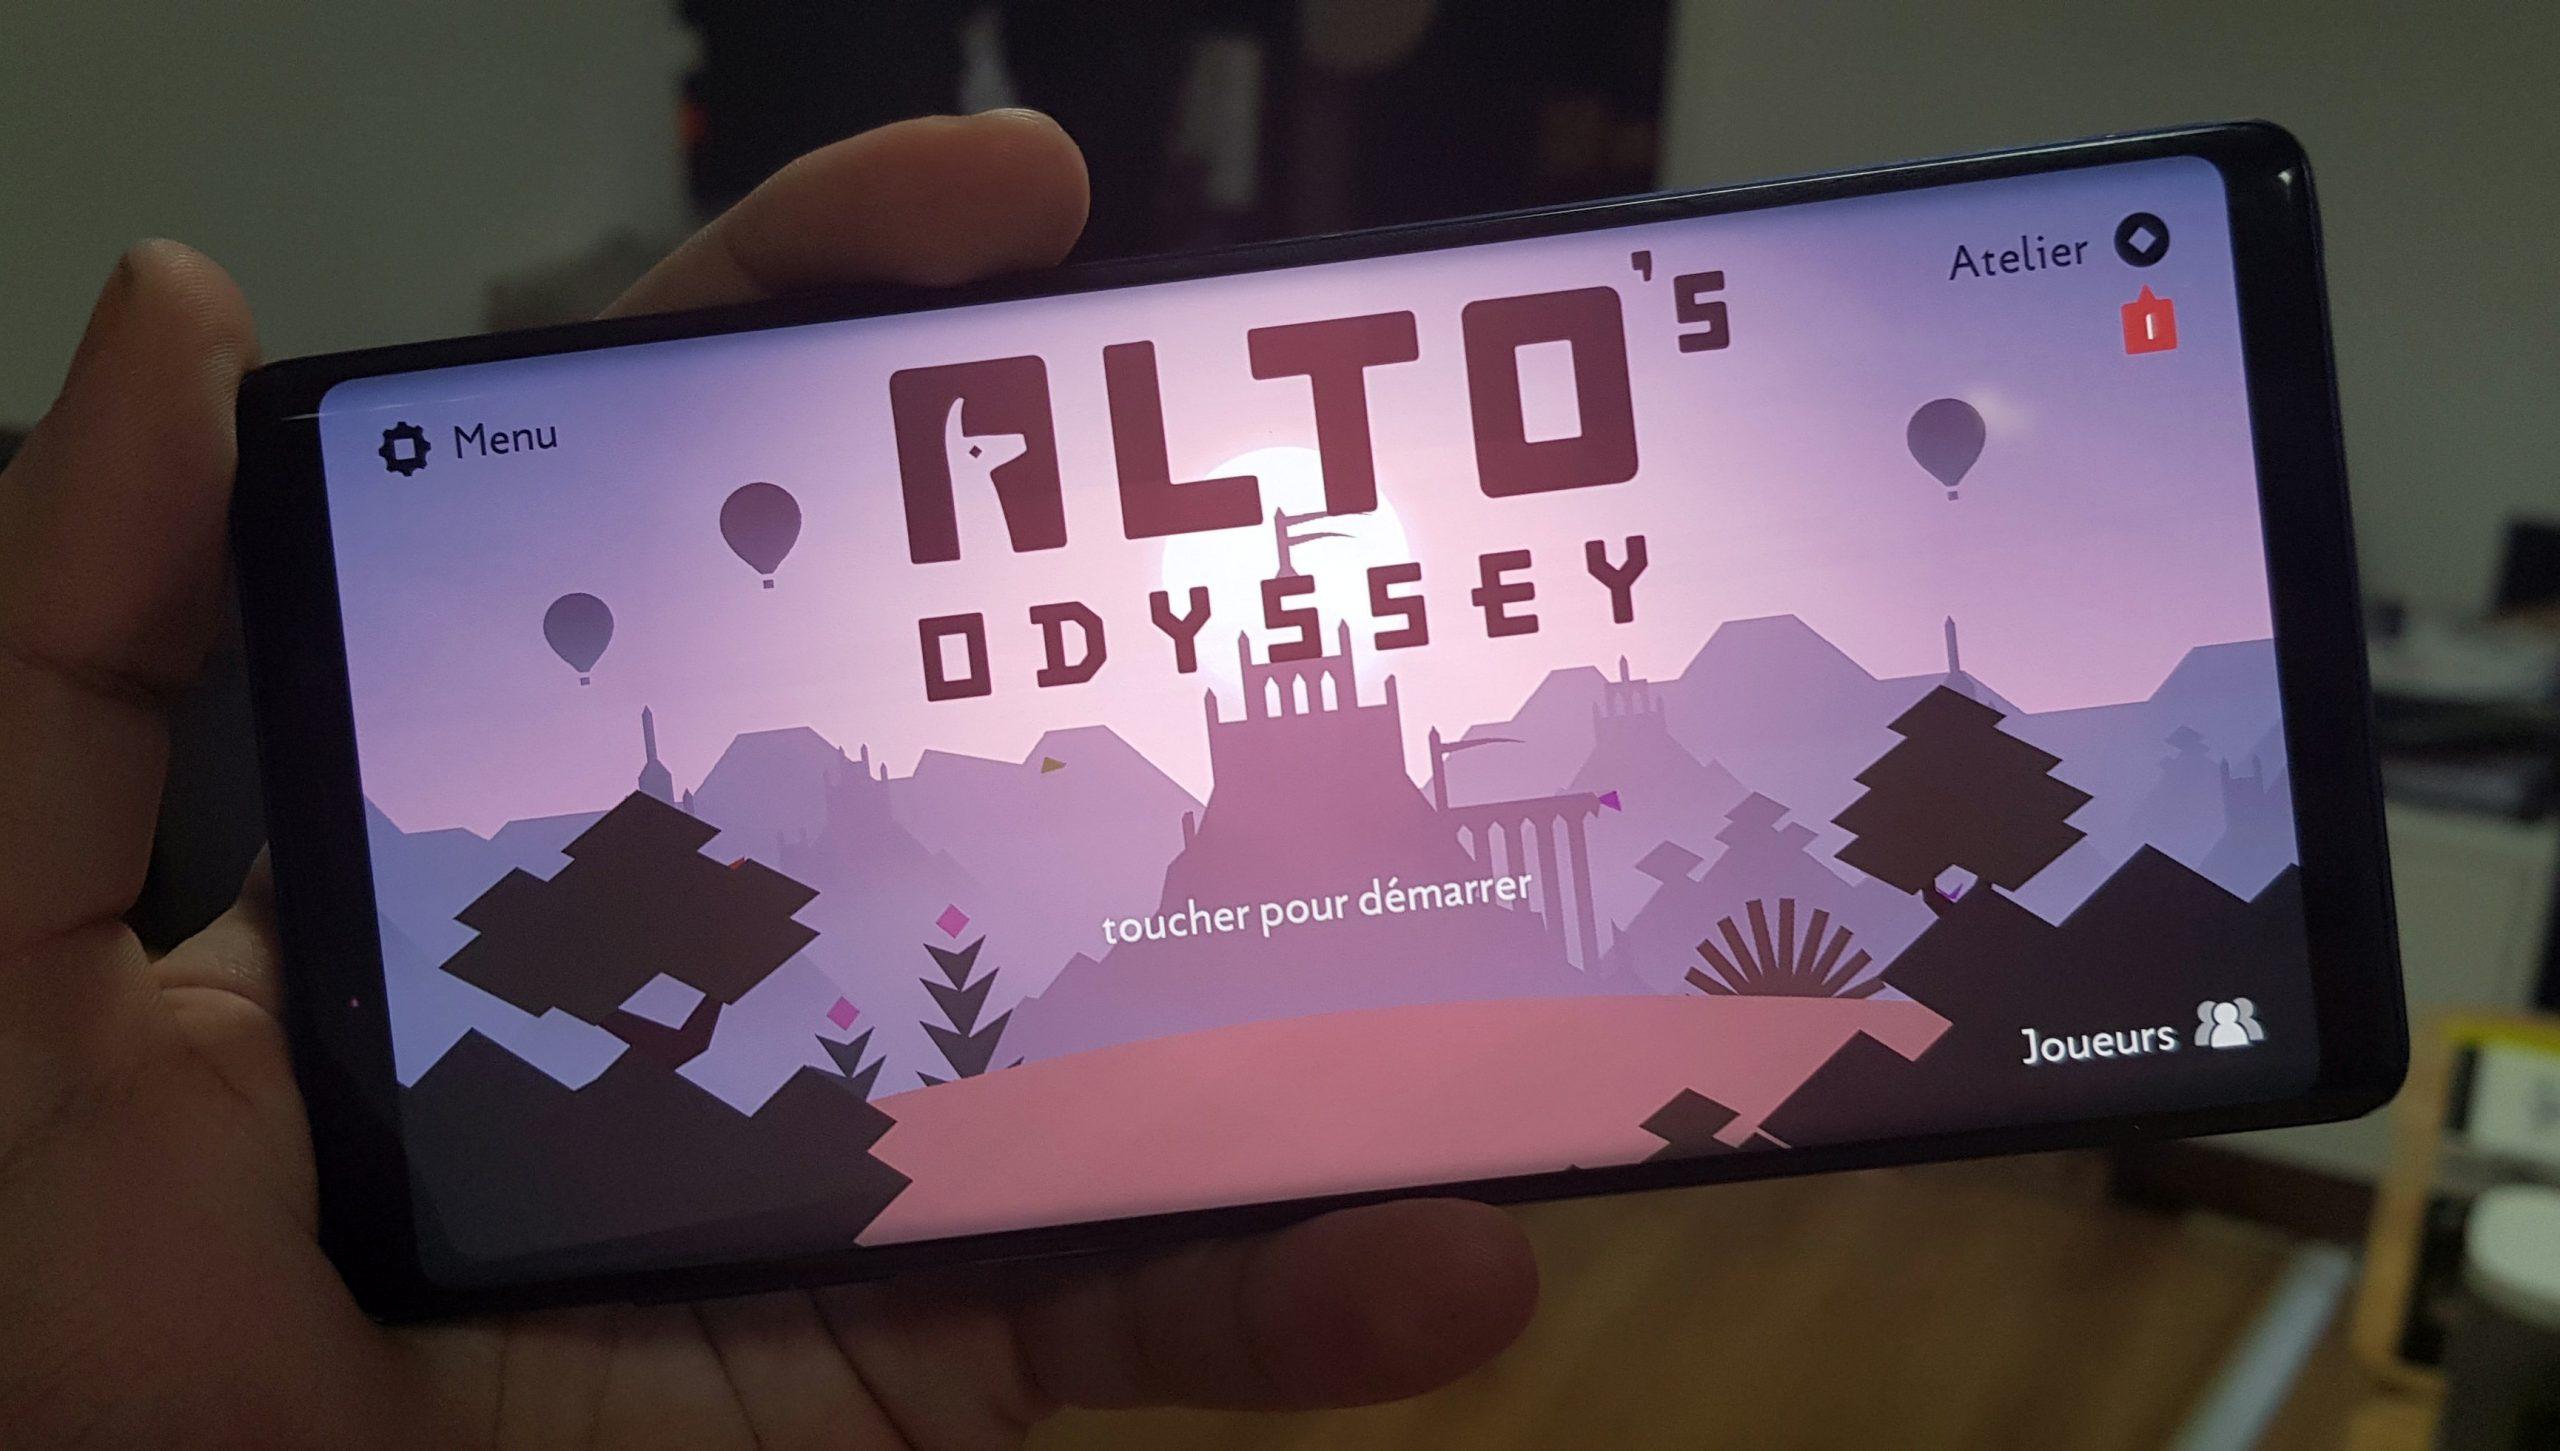 Jeux Android, Sélection Des Meilleurs Jeux Android à Jeux De Course Gratuit A Telecharger Pour Pc